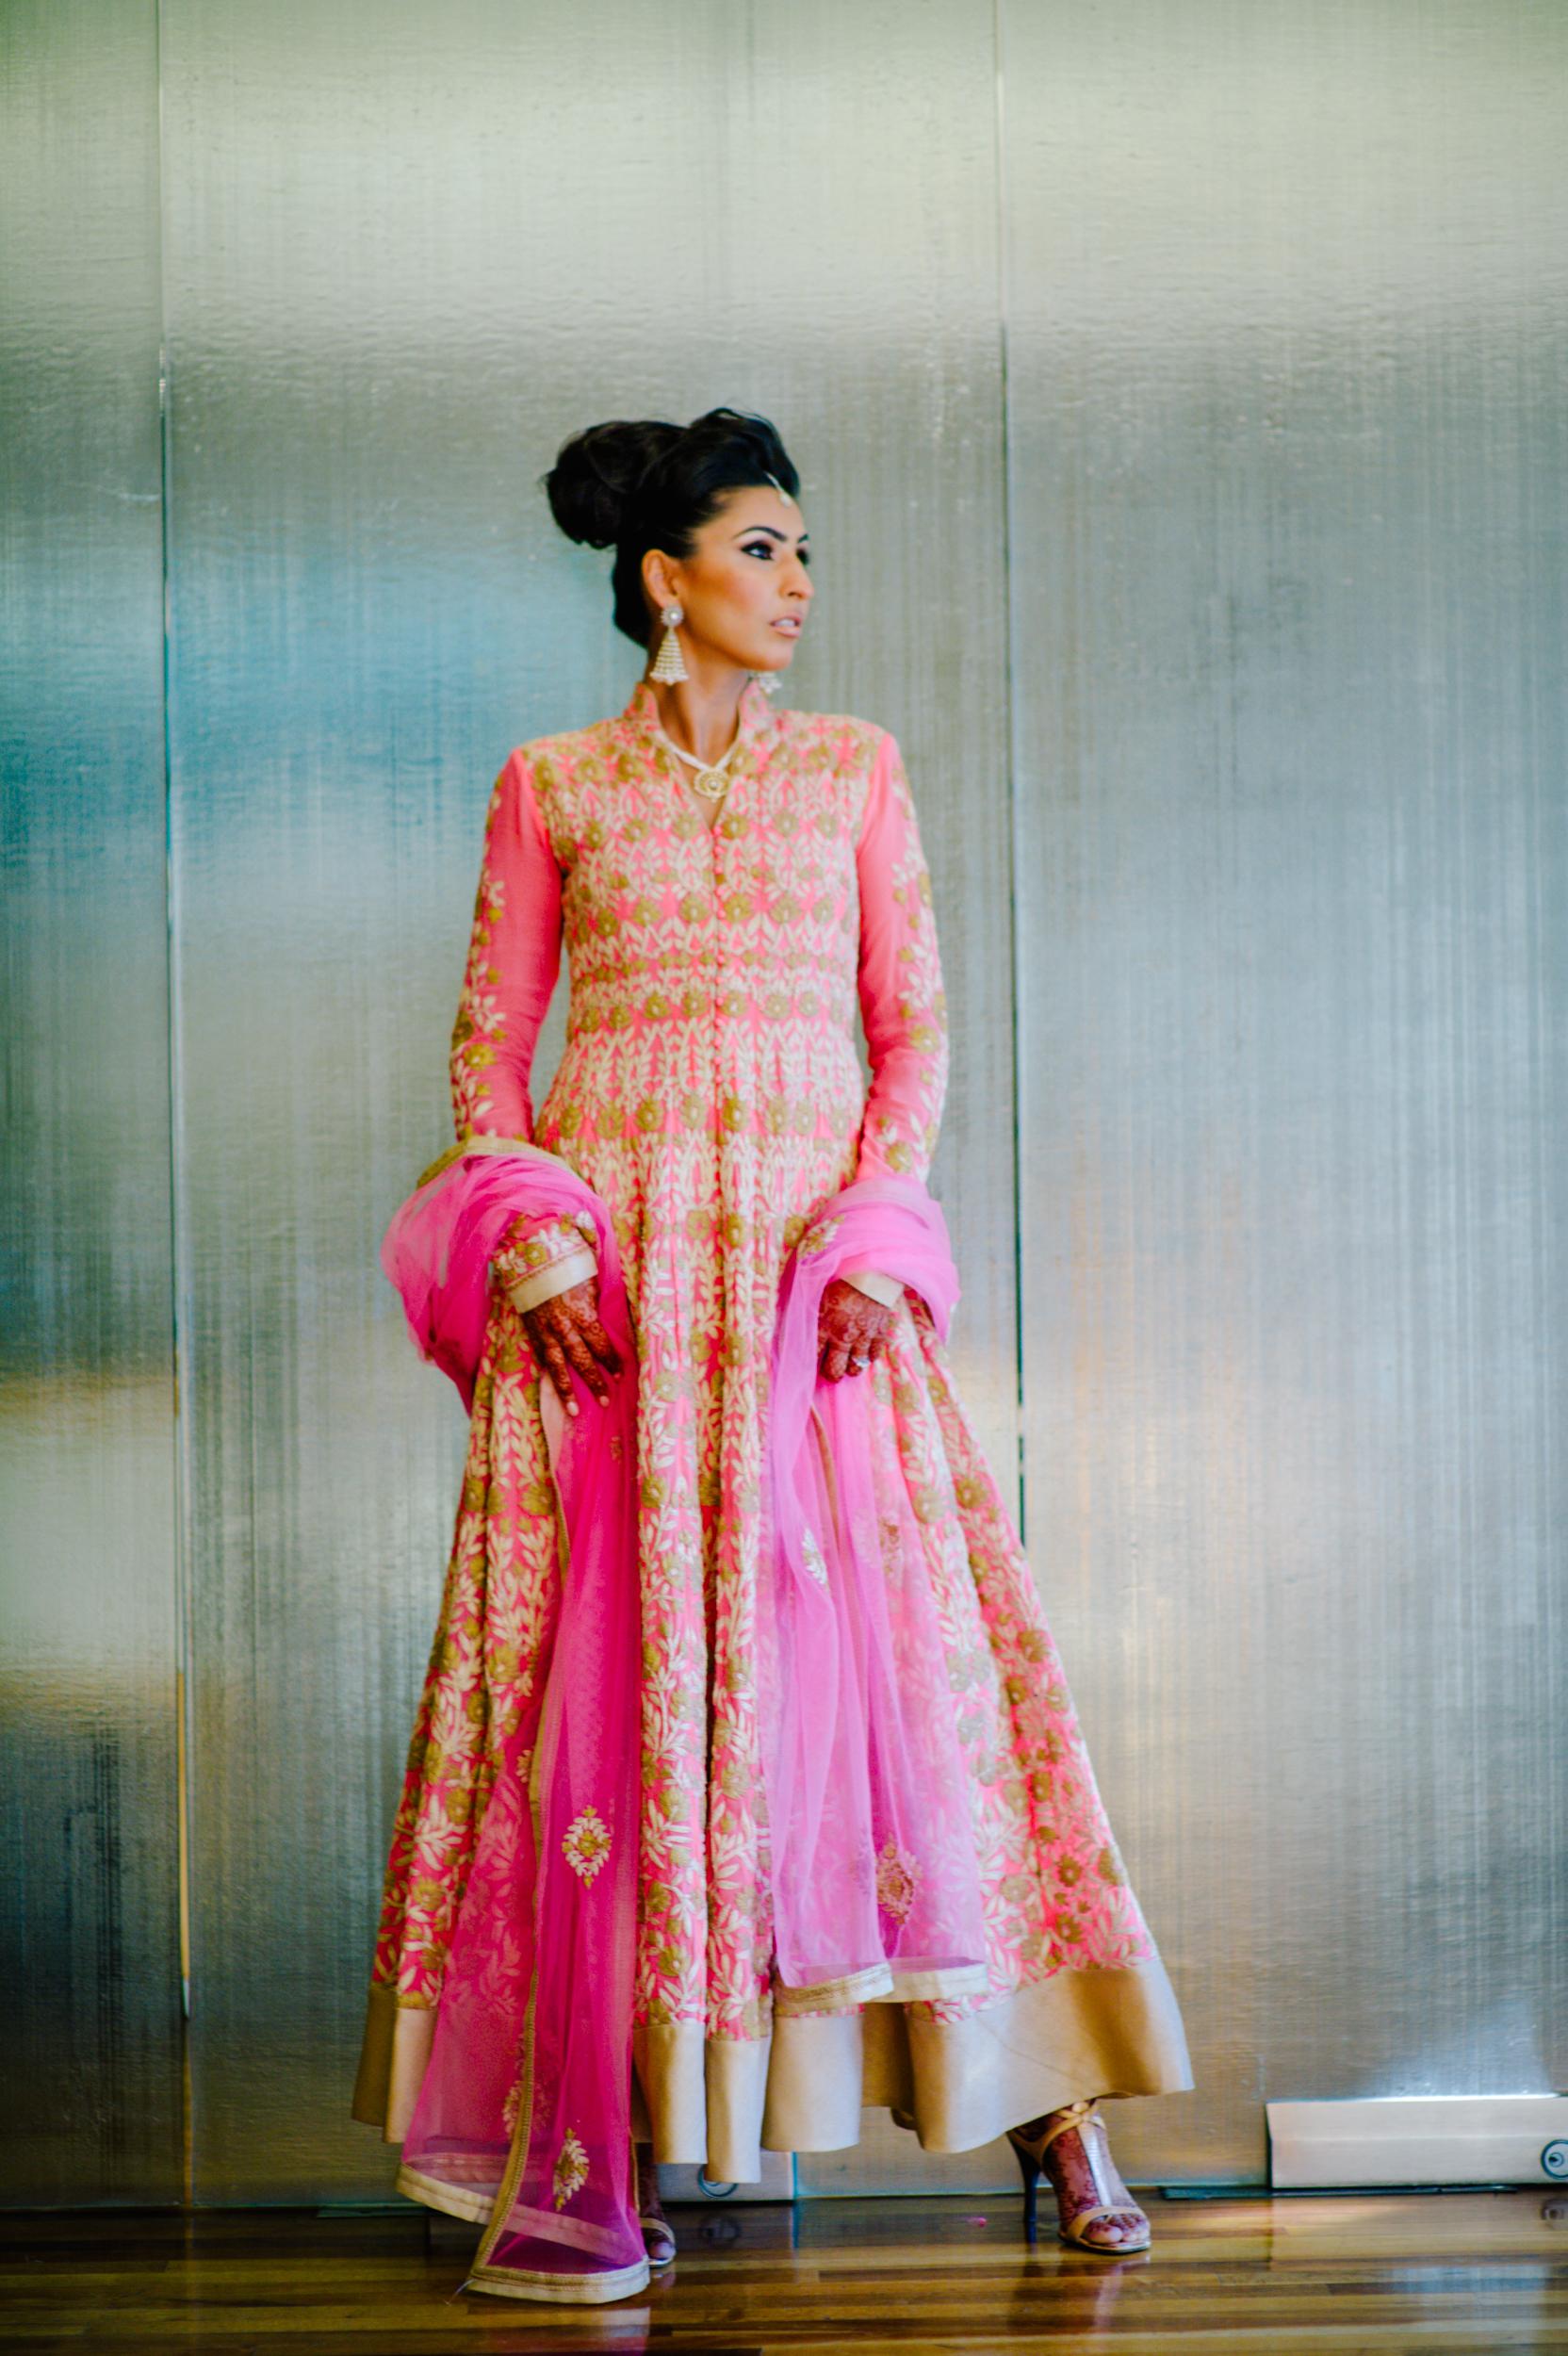 JKP_Indian_Weddings_0019.JPG